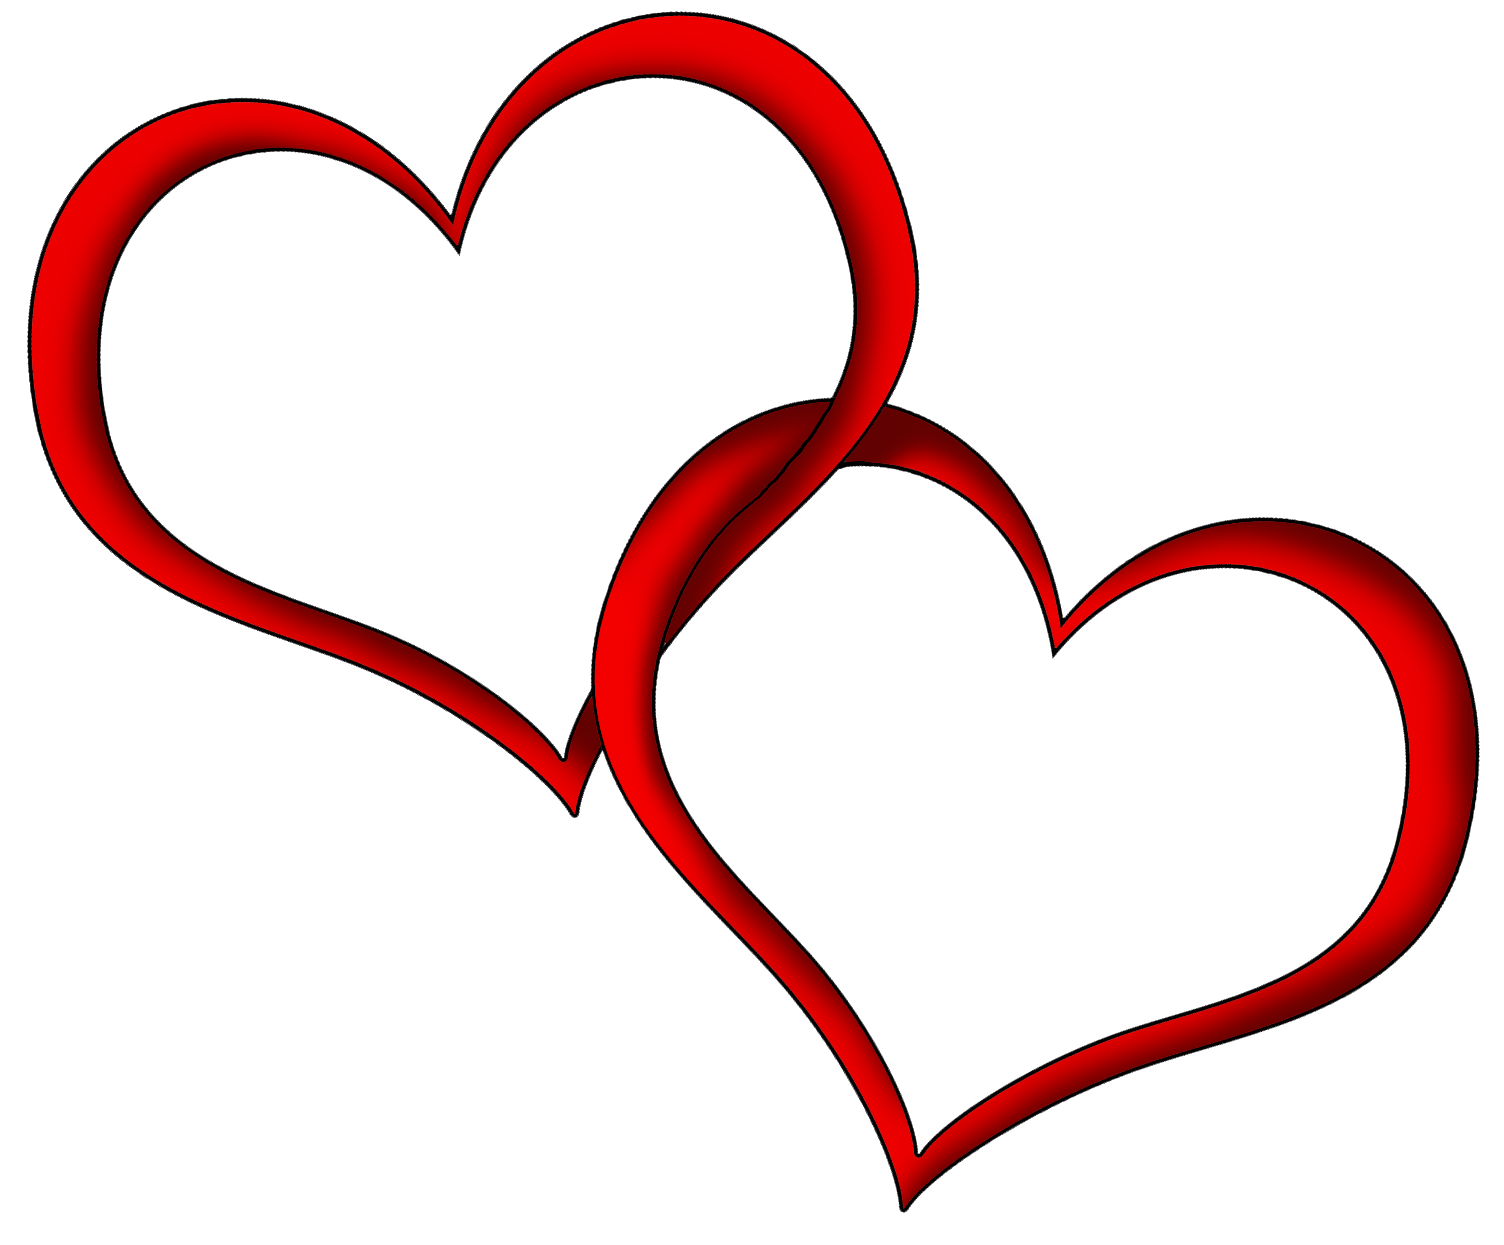 Heart clip art transparent. Clipart wedding red